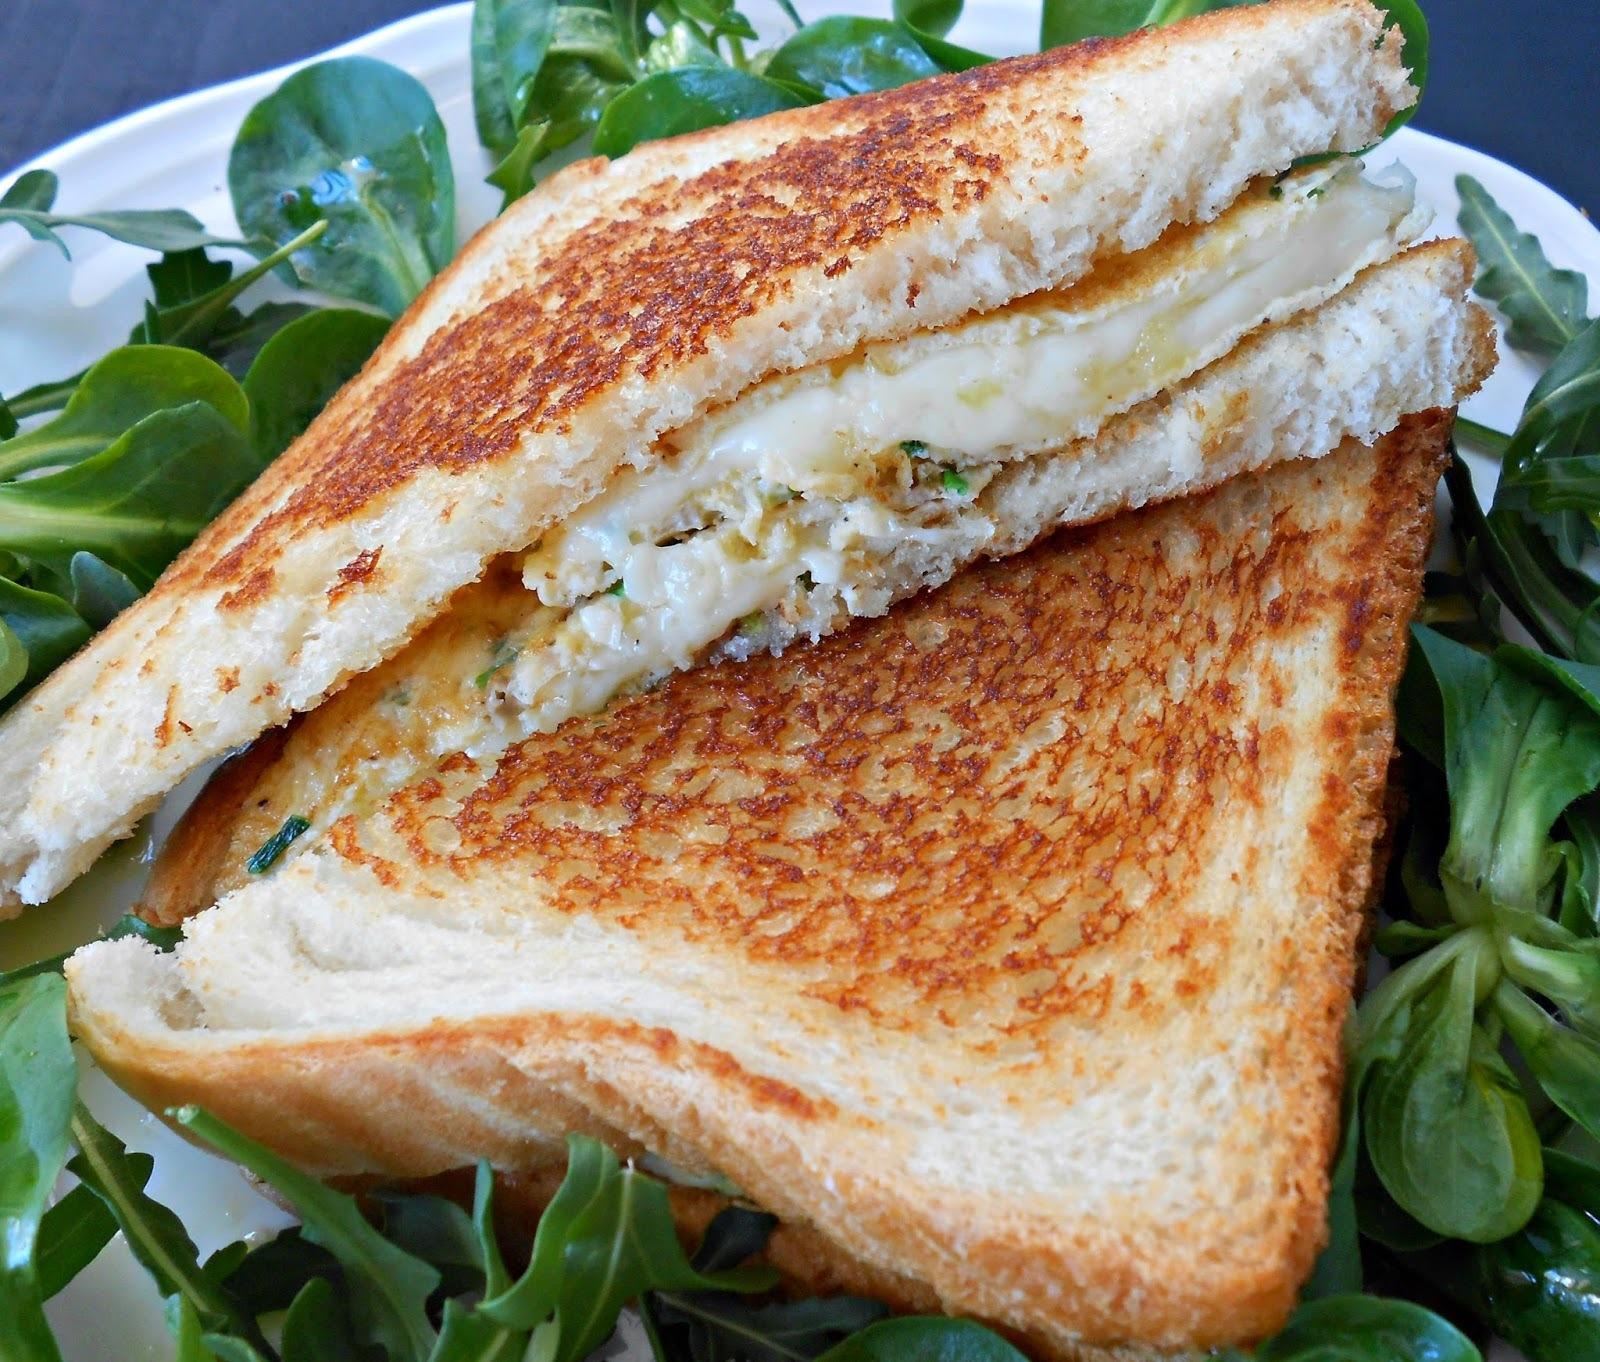 Sandwich de tortilla francesa, mozzarella y cebollino